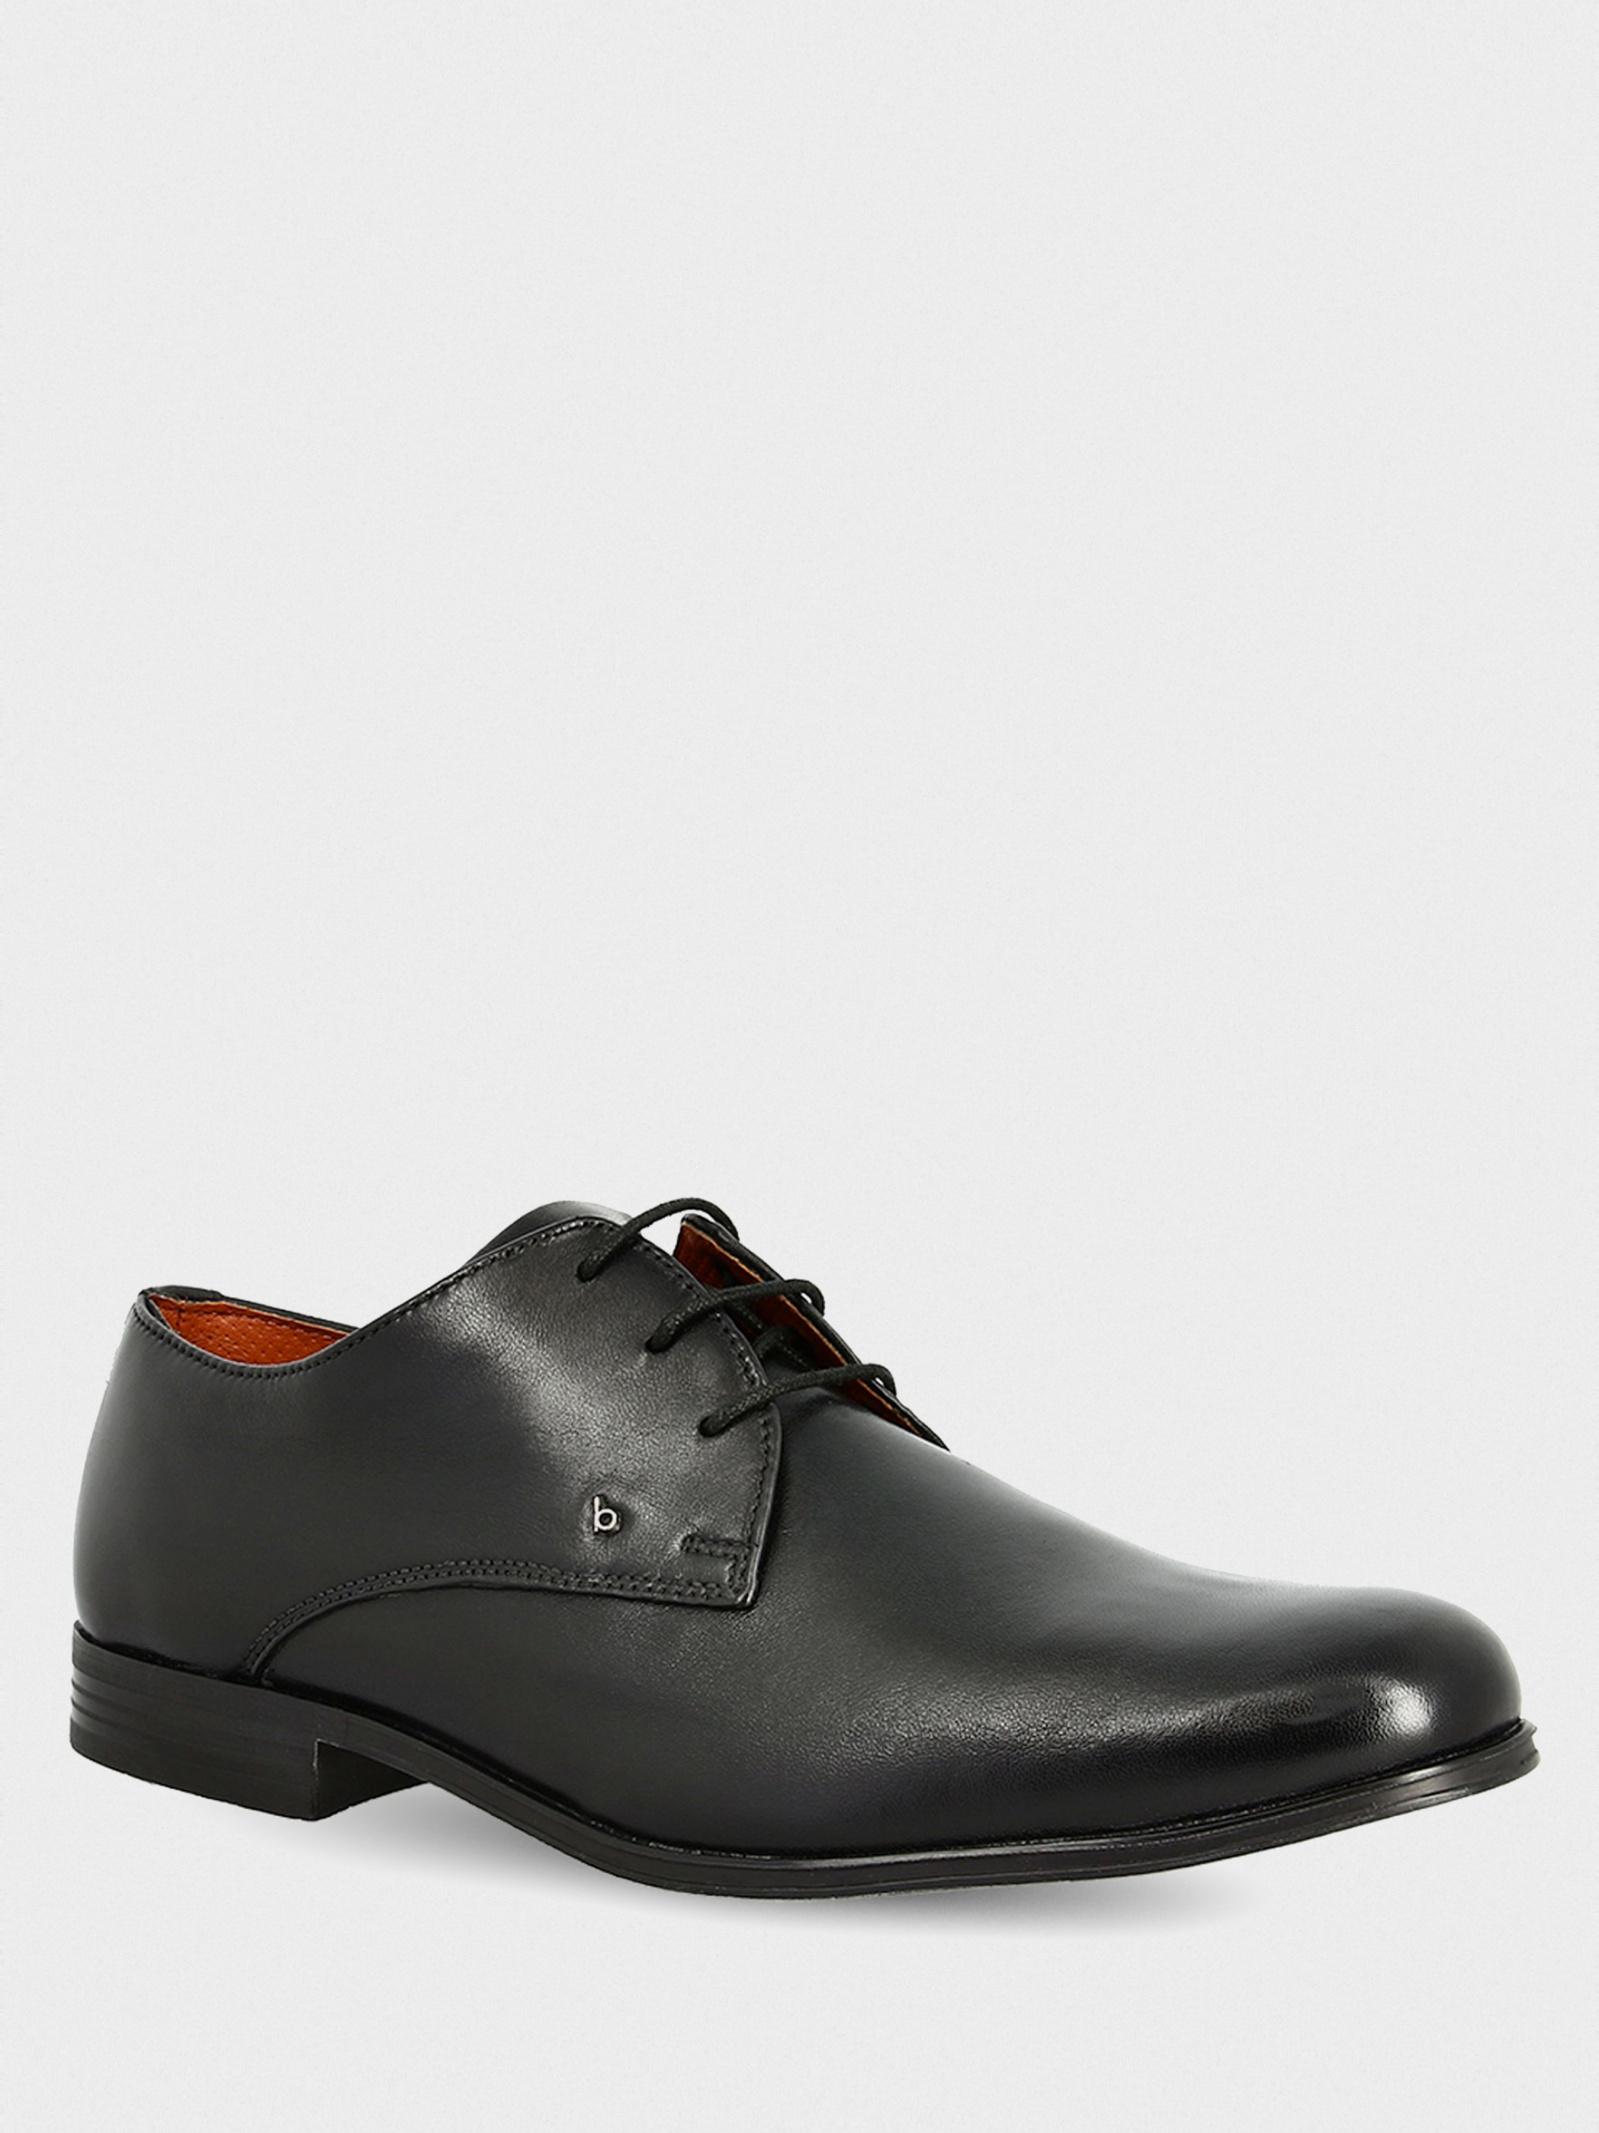 Туфли для мужчин Bugatti Lace-up shoes 311-90203-4000-1010 цена, 2017